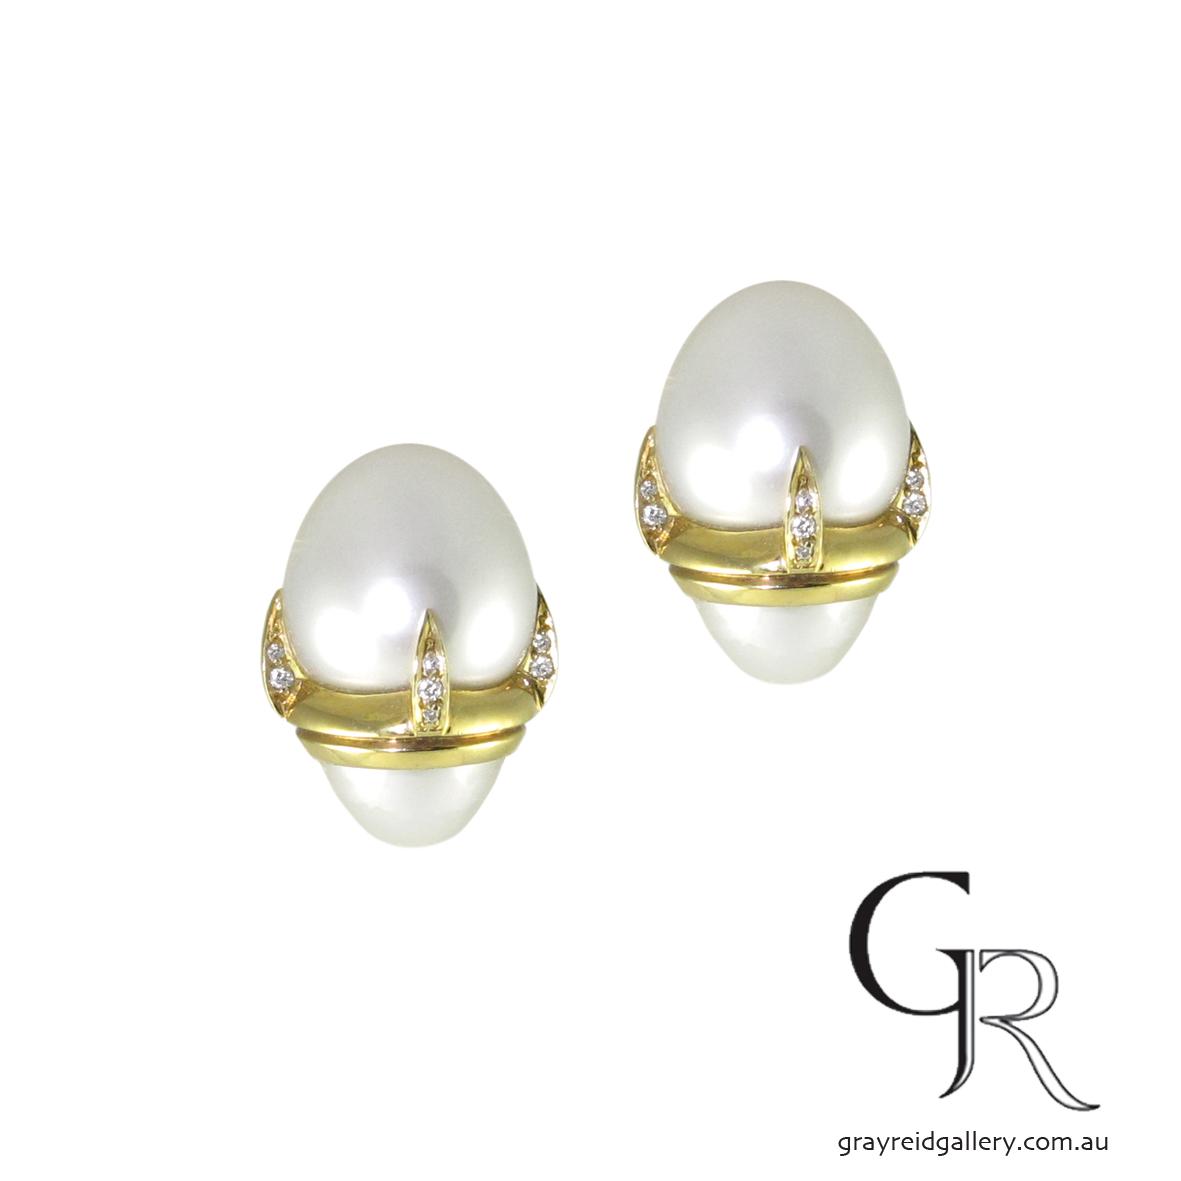 Handmade South Sea Pearl Earrings by Ken Gray at Gray Reid Gallery.JPG